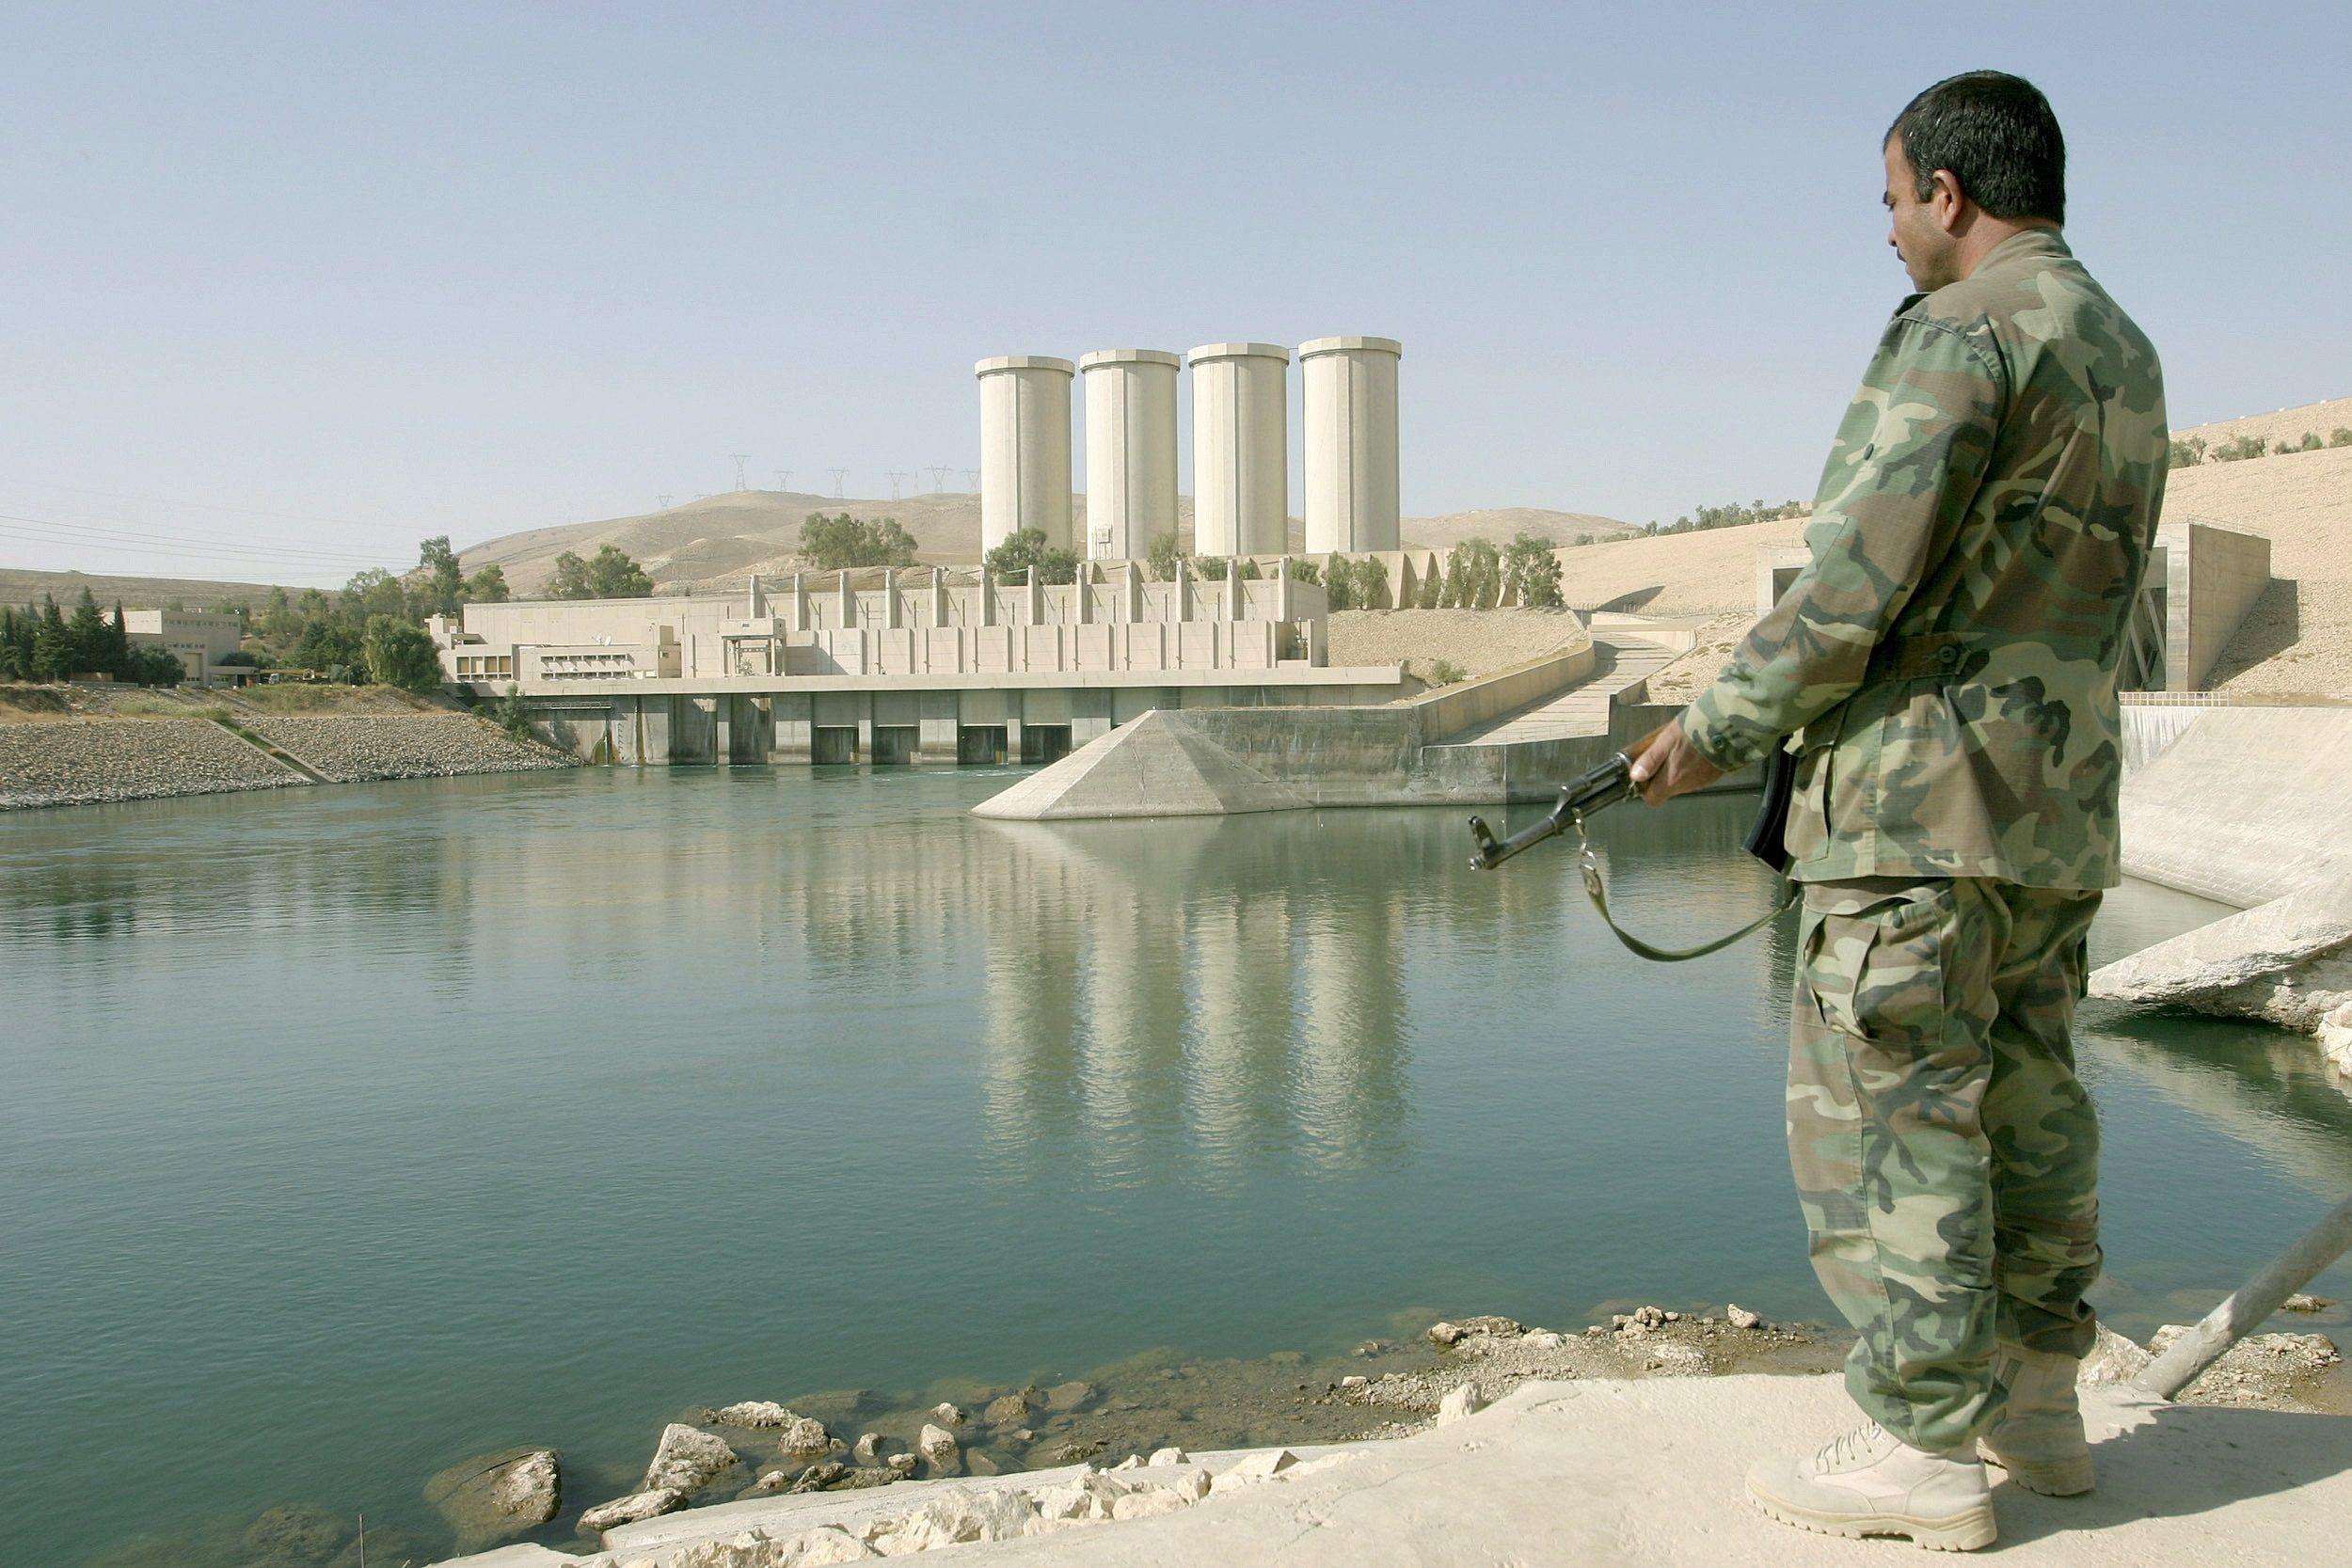 Un soldato presso la diga di Mosul, sul fiume Tigri